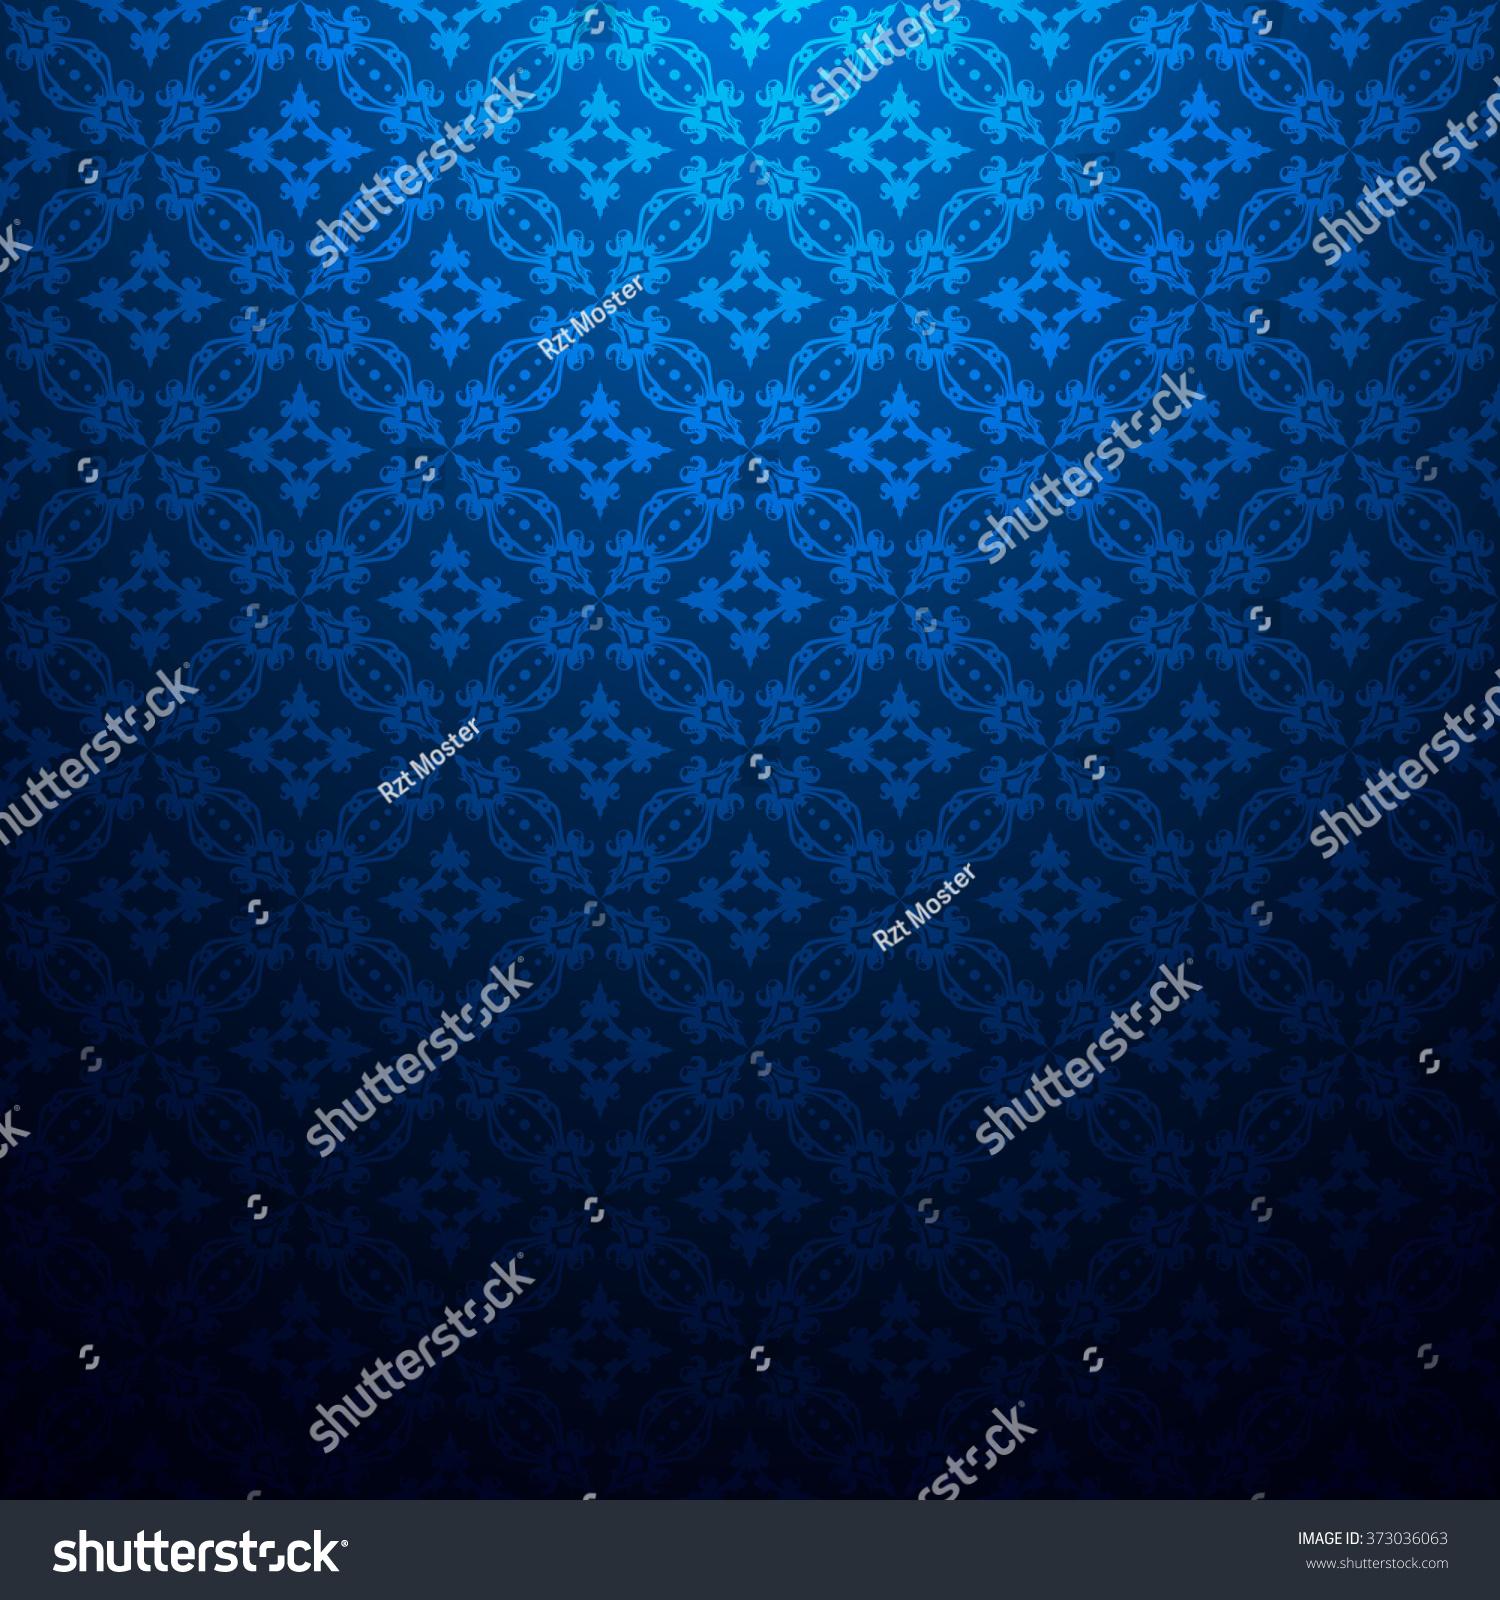 vintage dark blue background - photo #10